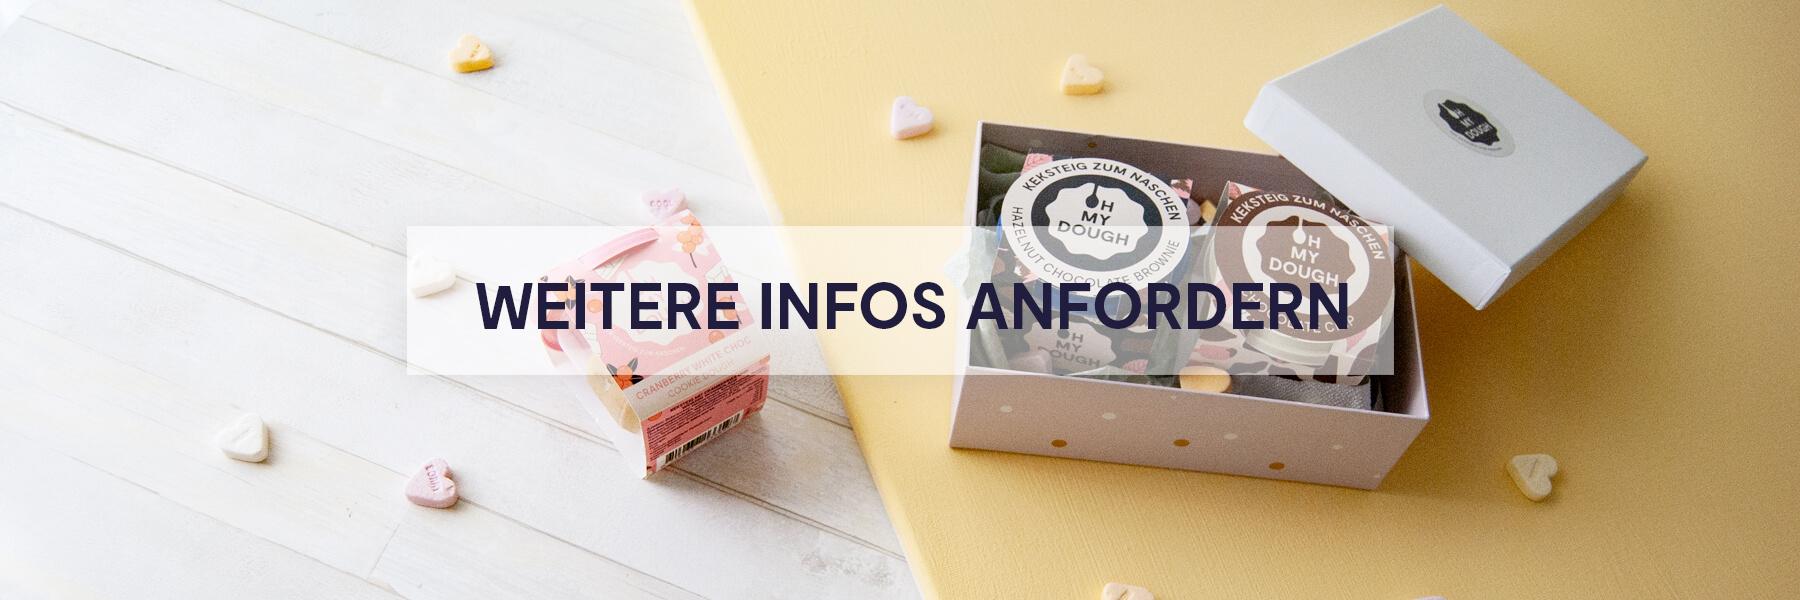 Button Infos anfordern